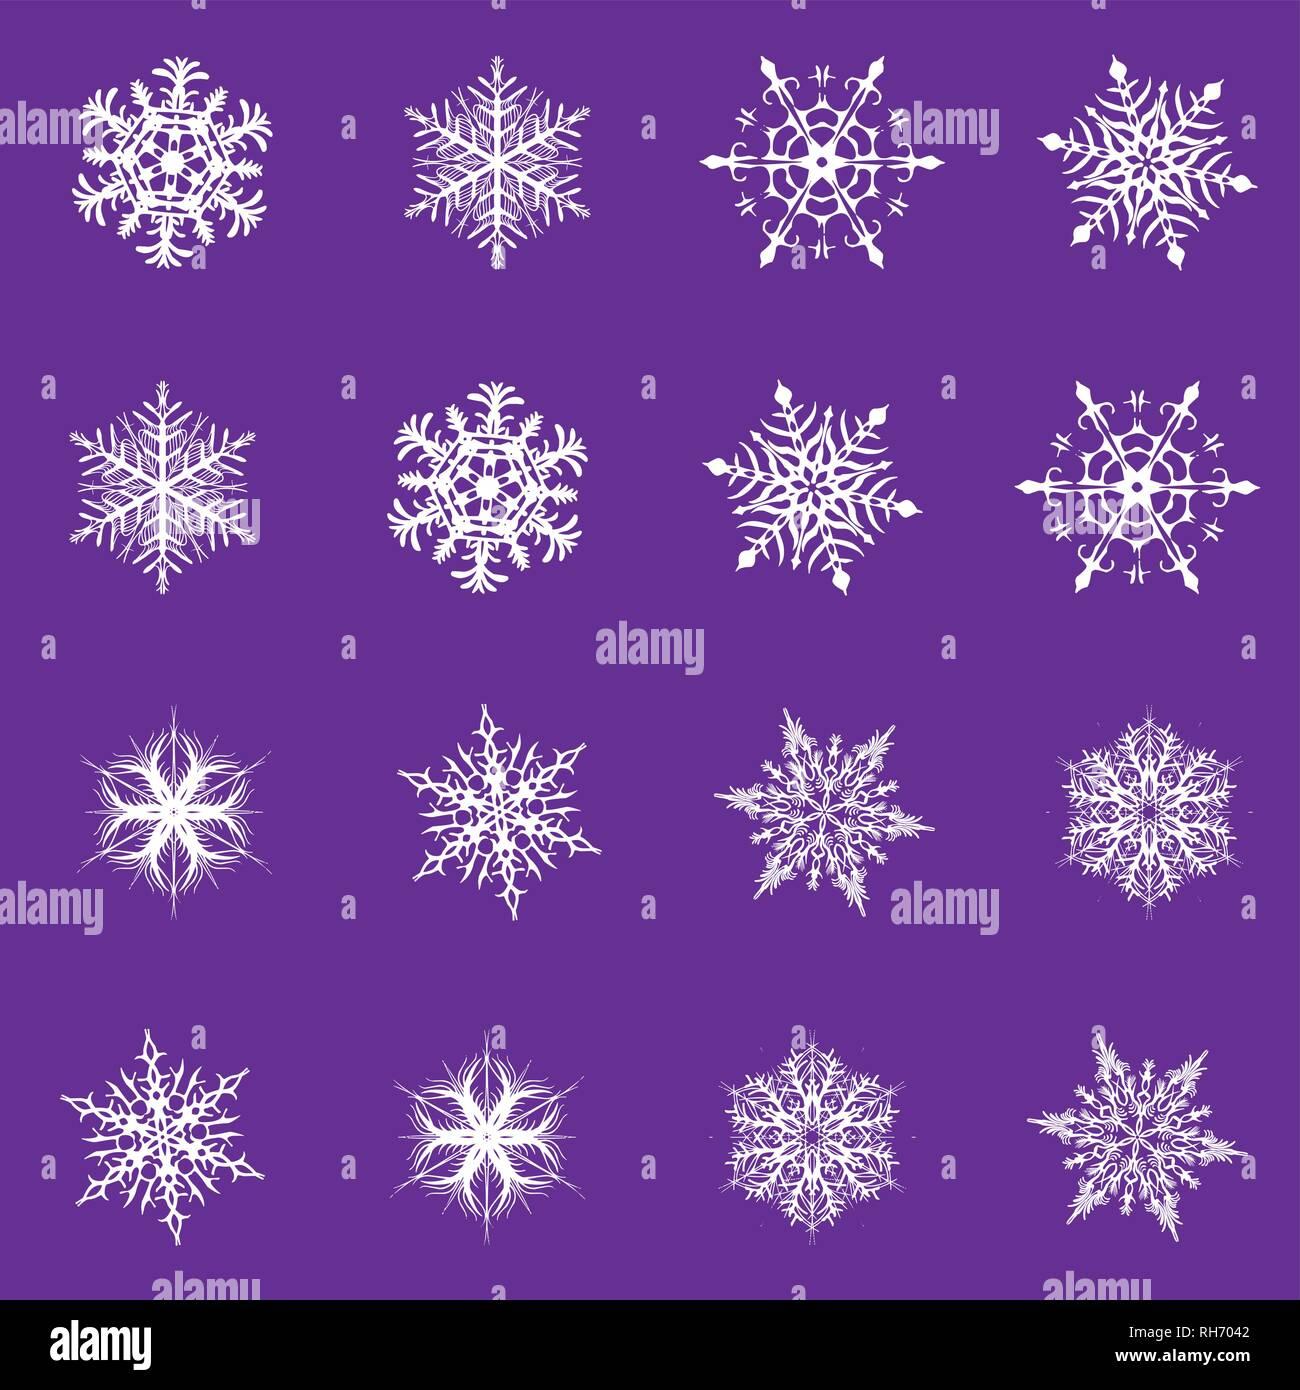 Das Wetter Zu Weihnachten 2019.Schneeflocke Vektor Symbol Hintergrund Proton Lila Farbe Trend 2019